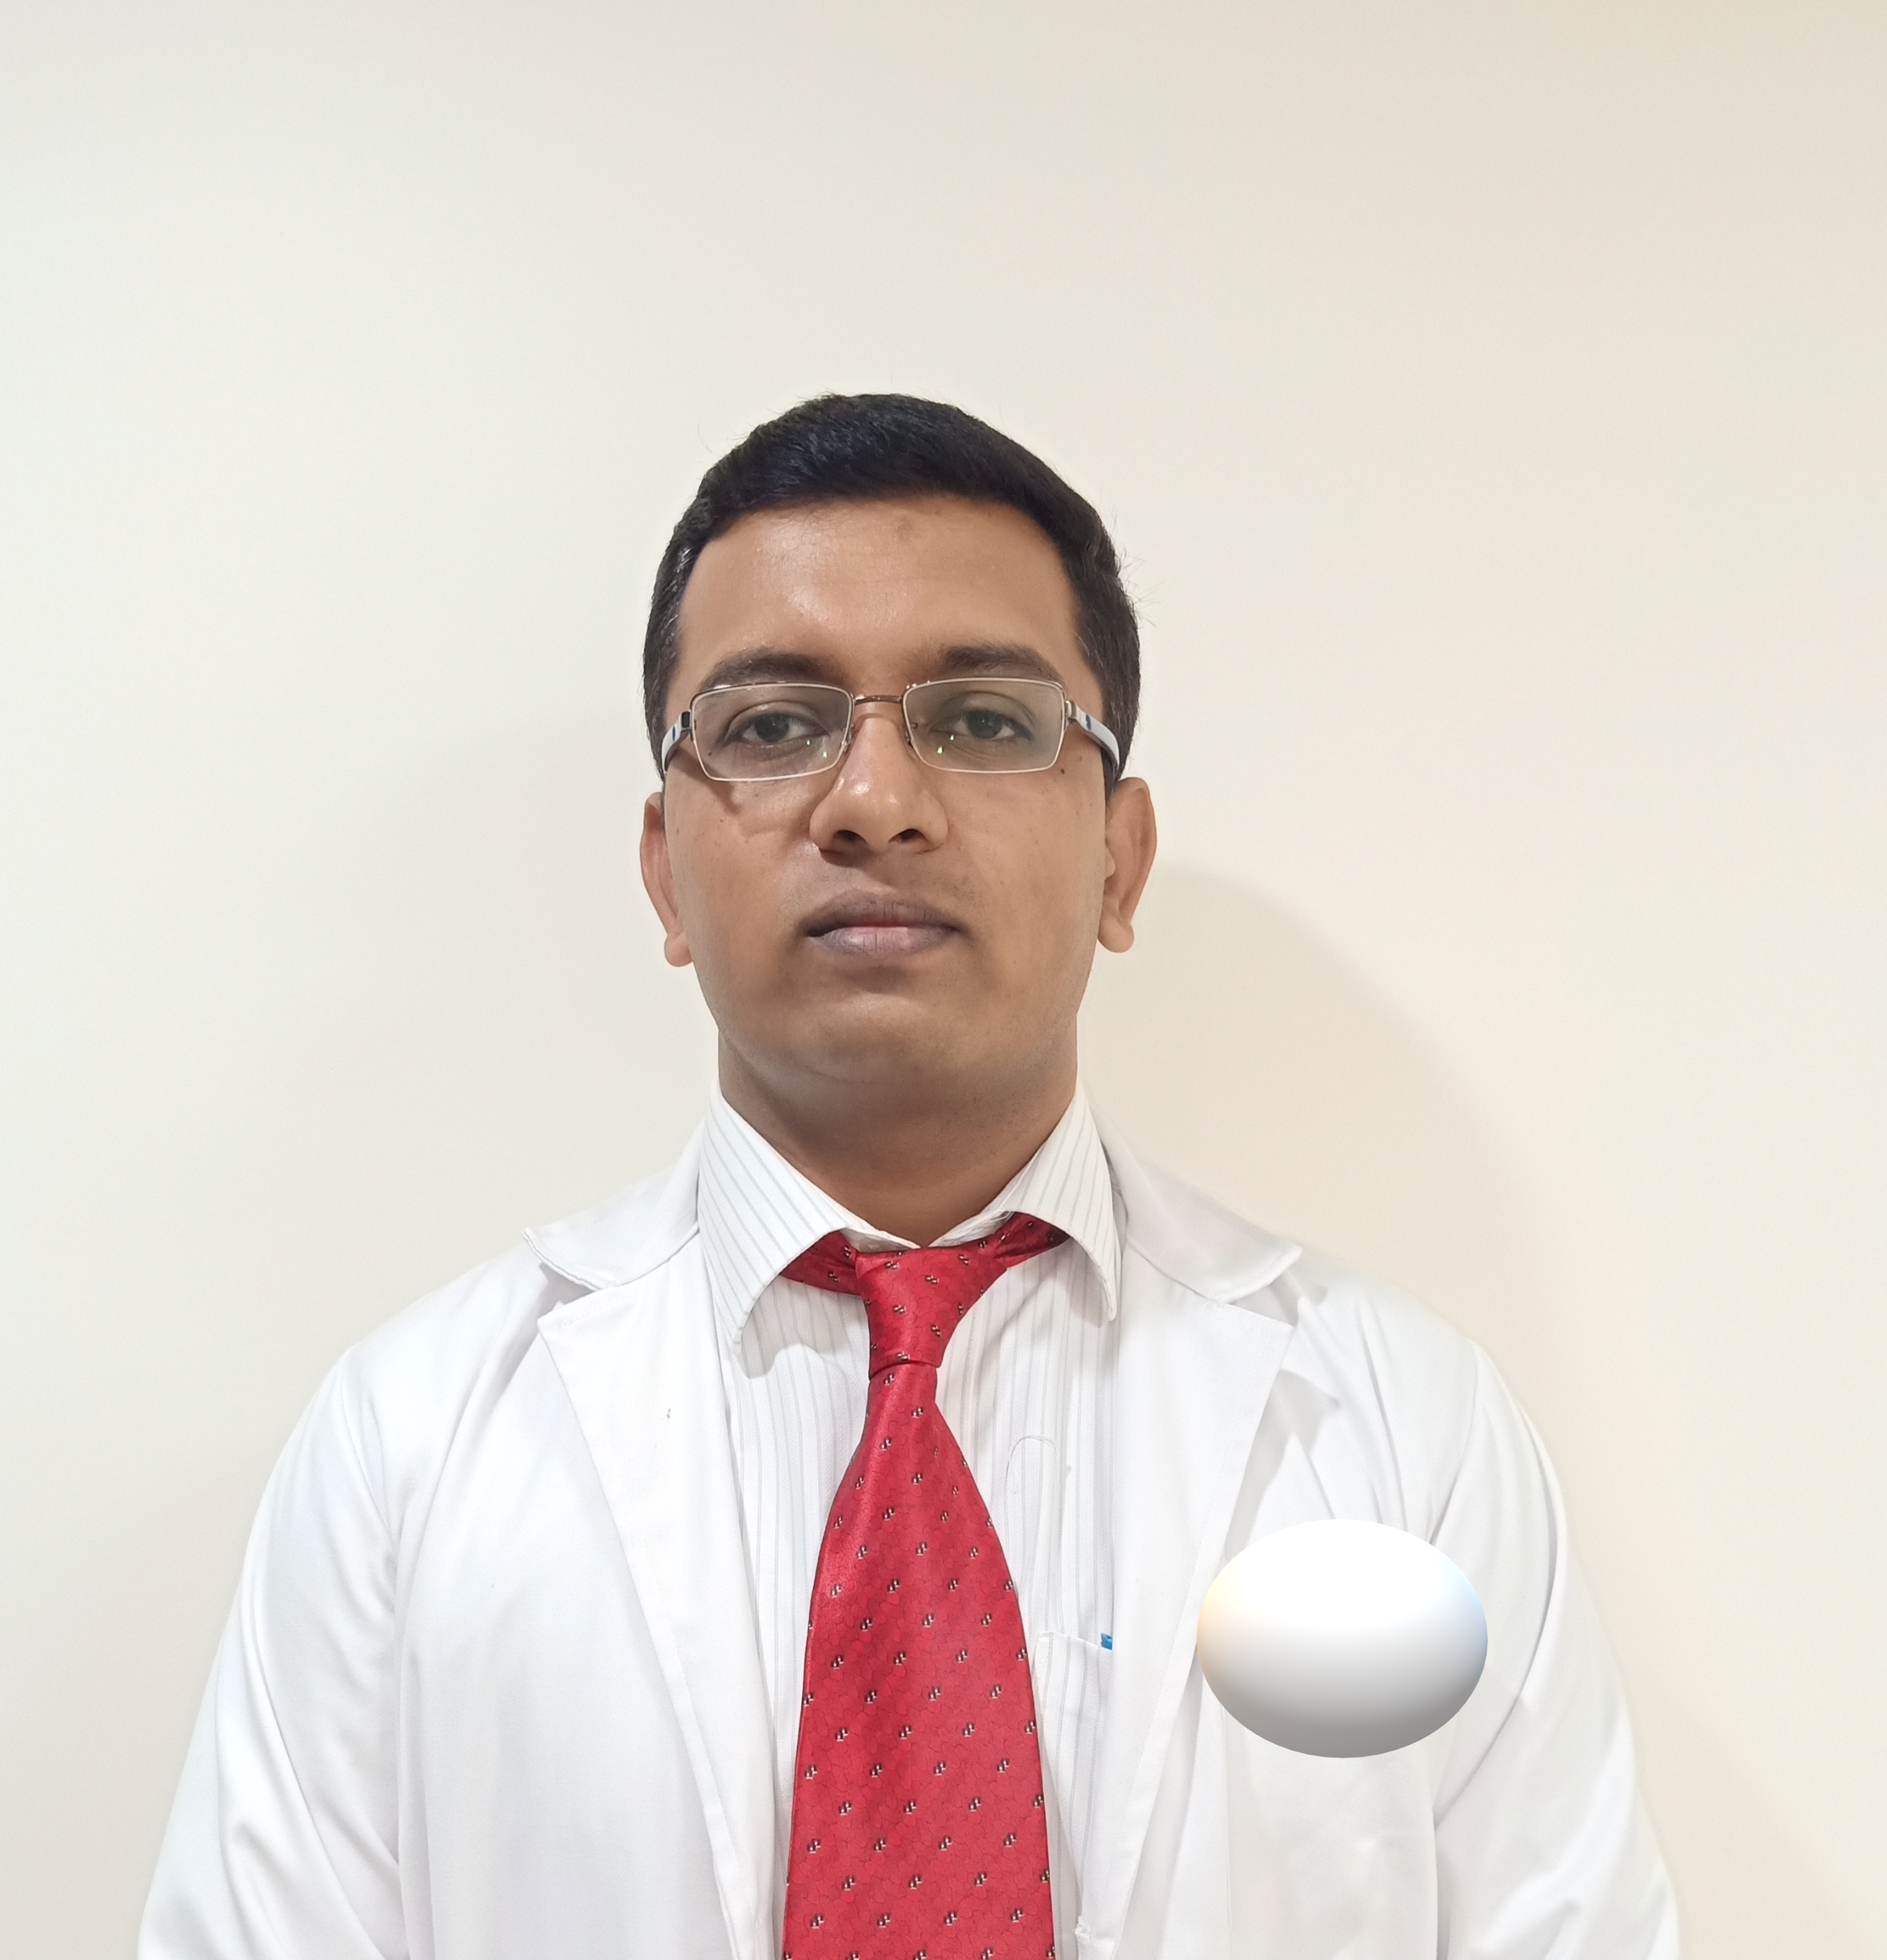 Dr. Achint Krishna